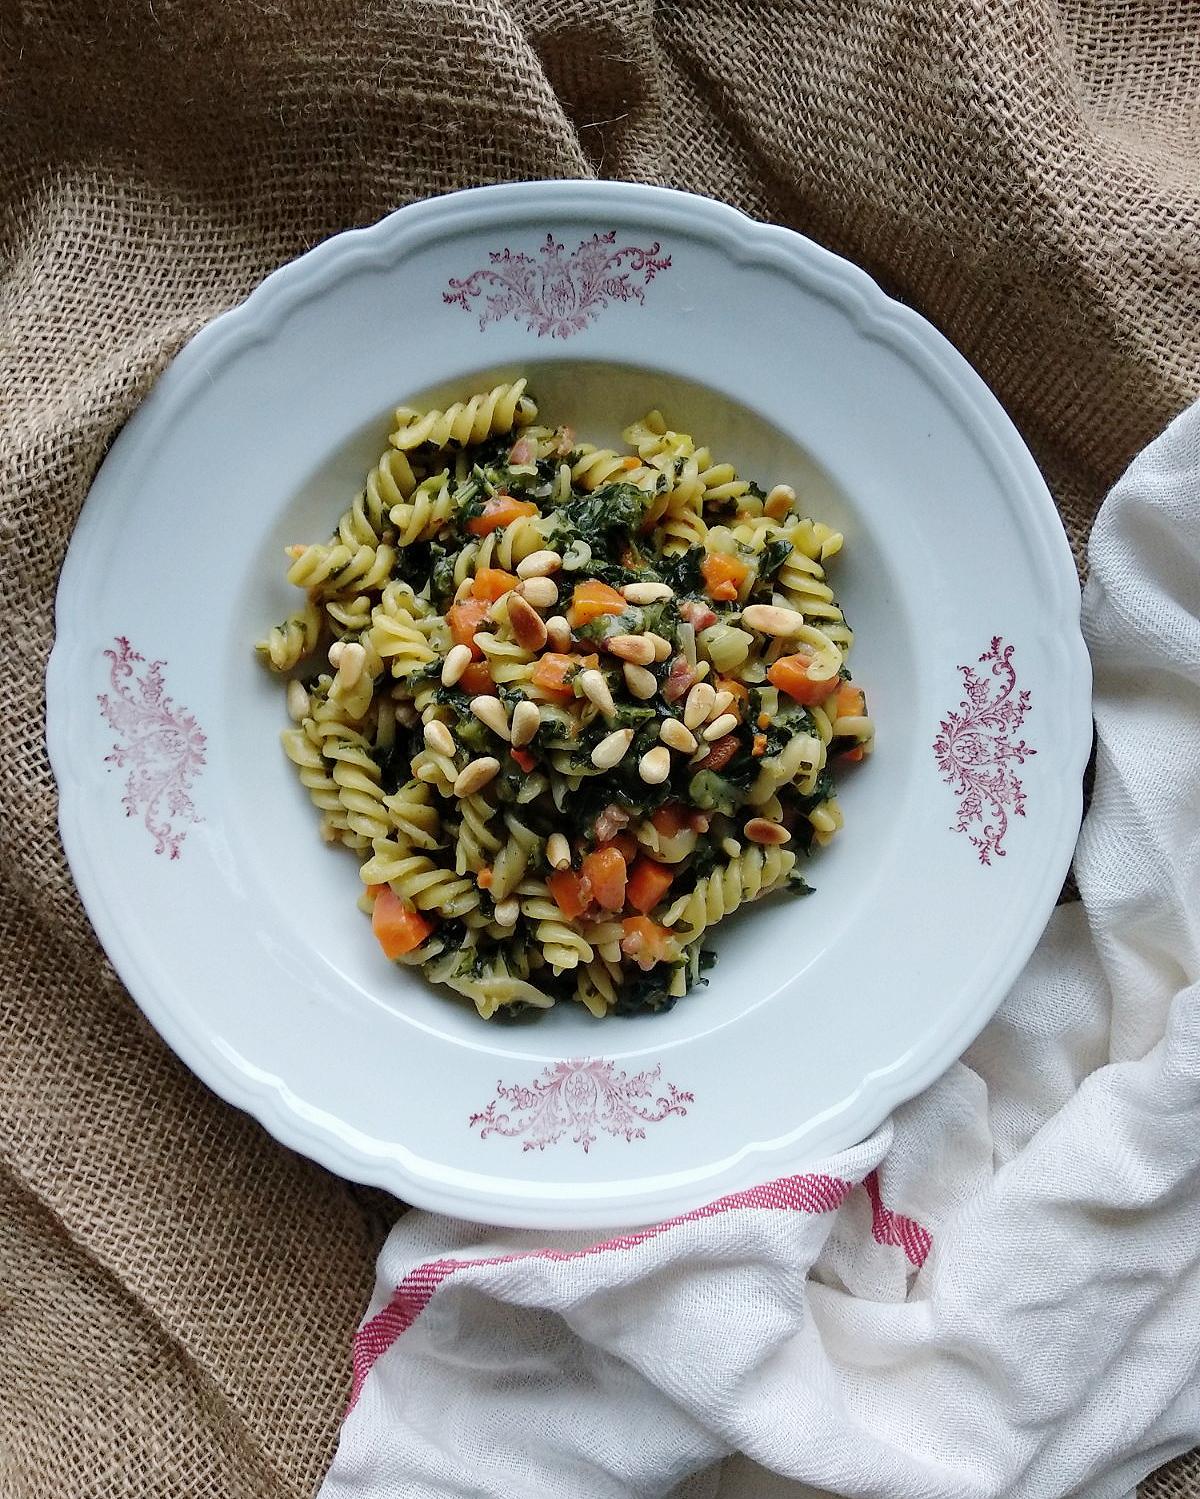 #inunter20 Minuten zubereitet | Winterliche One Pot Pasta mit Grünkohl, Möhren und Pinienkernen | #pasta #onepotpaste #schnellerezepte # blitzrezepte #schnellegerichte #gruenkohl #saisonalerezepte | judetta.de